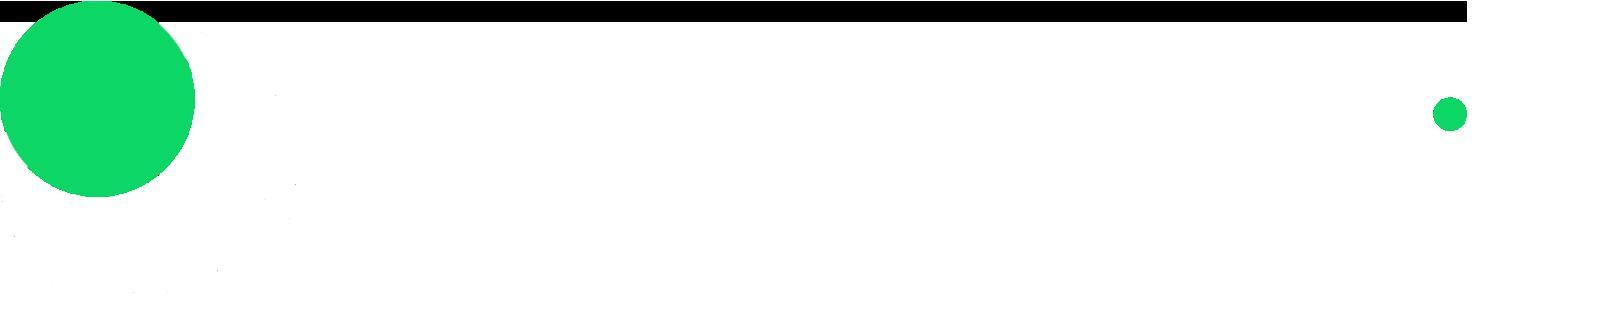 Sports bet io alamat pantai muara betting bekasi kota